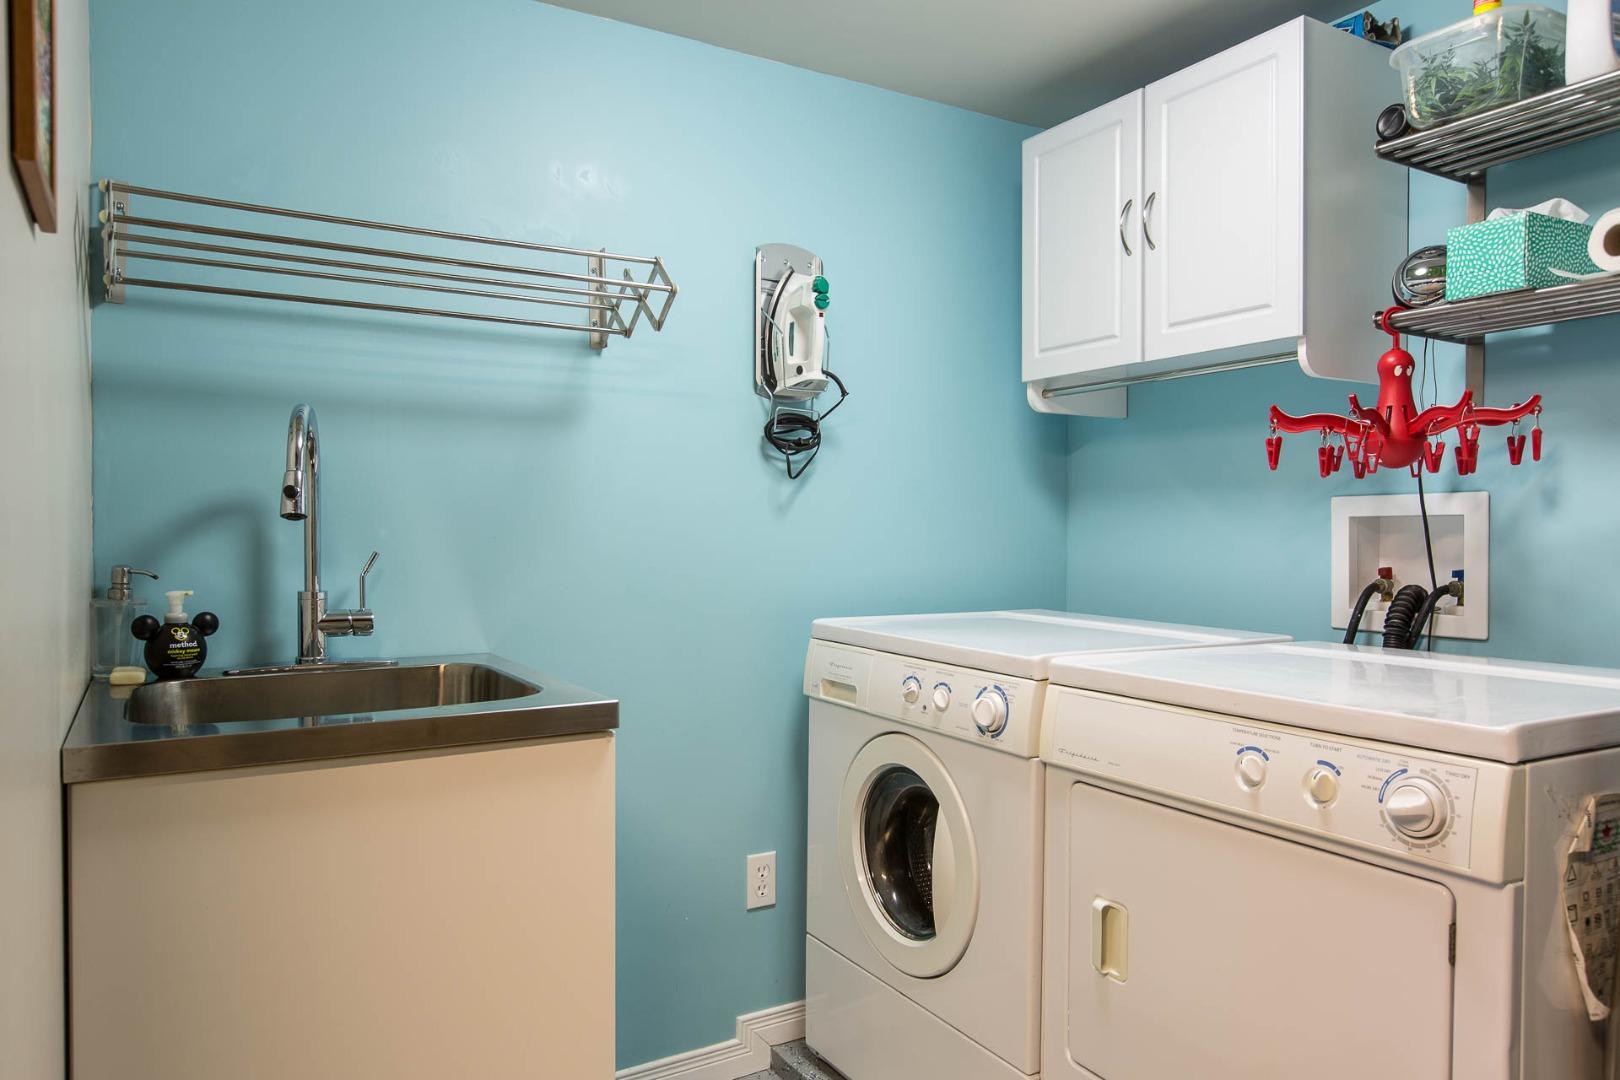 Triplex à vendre Montréal Rosemont / La Petite Patrie - Salle de lavage